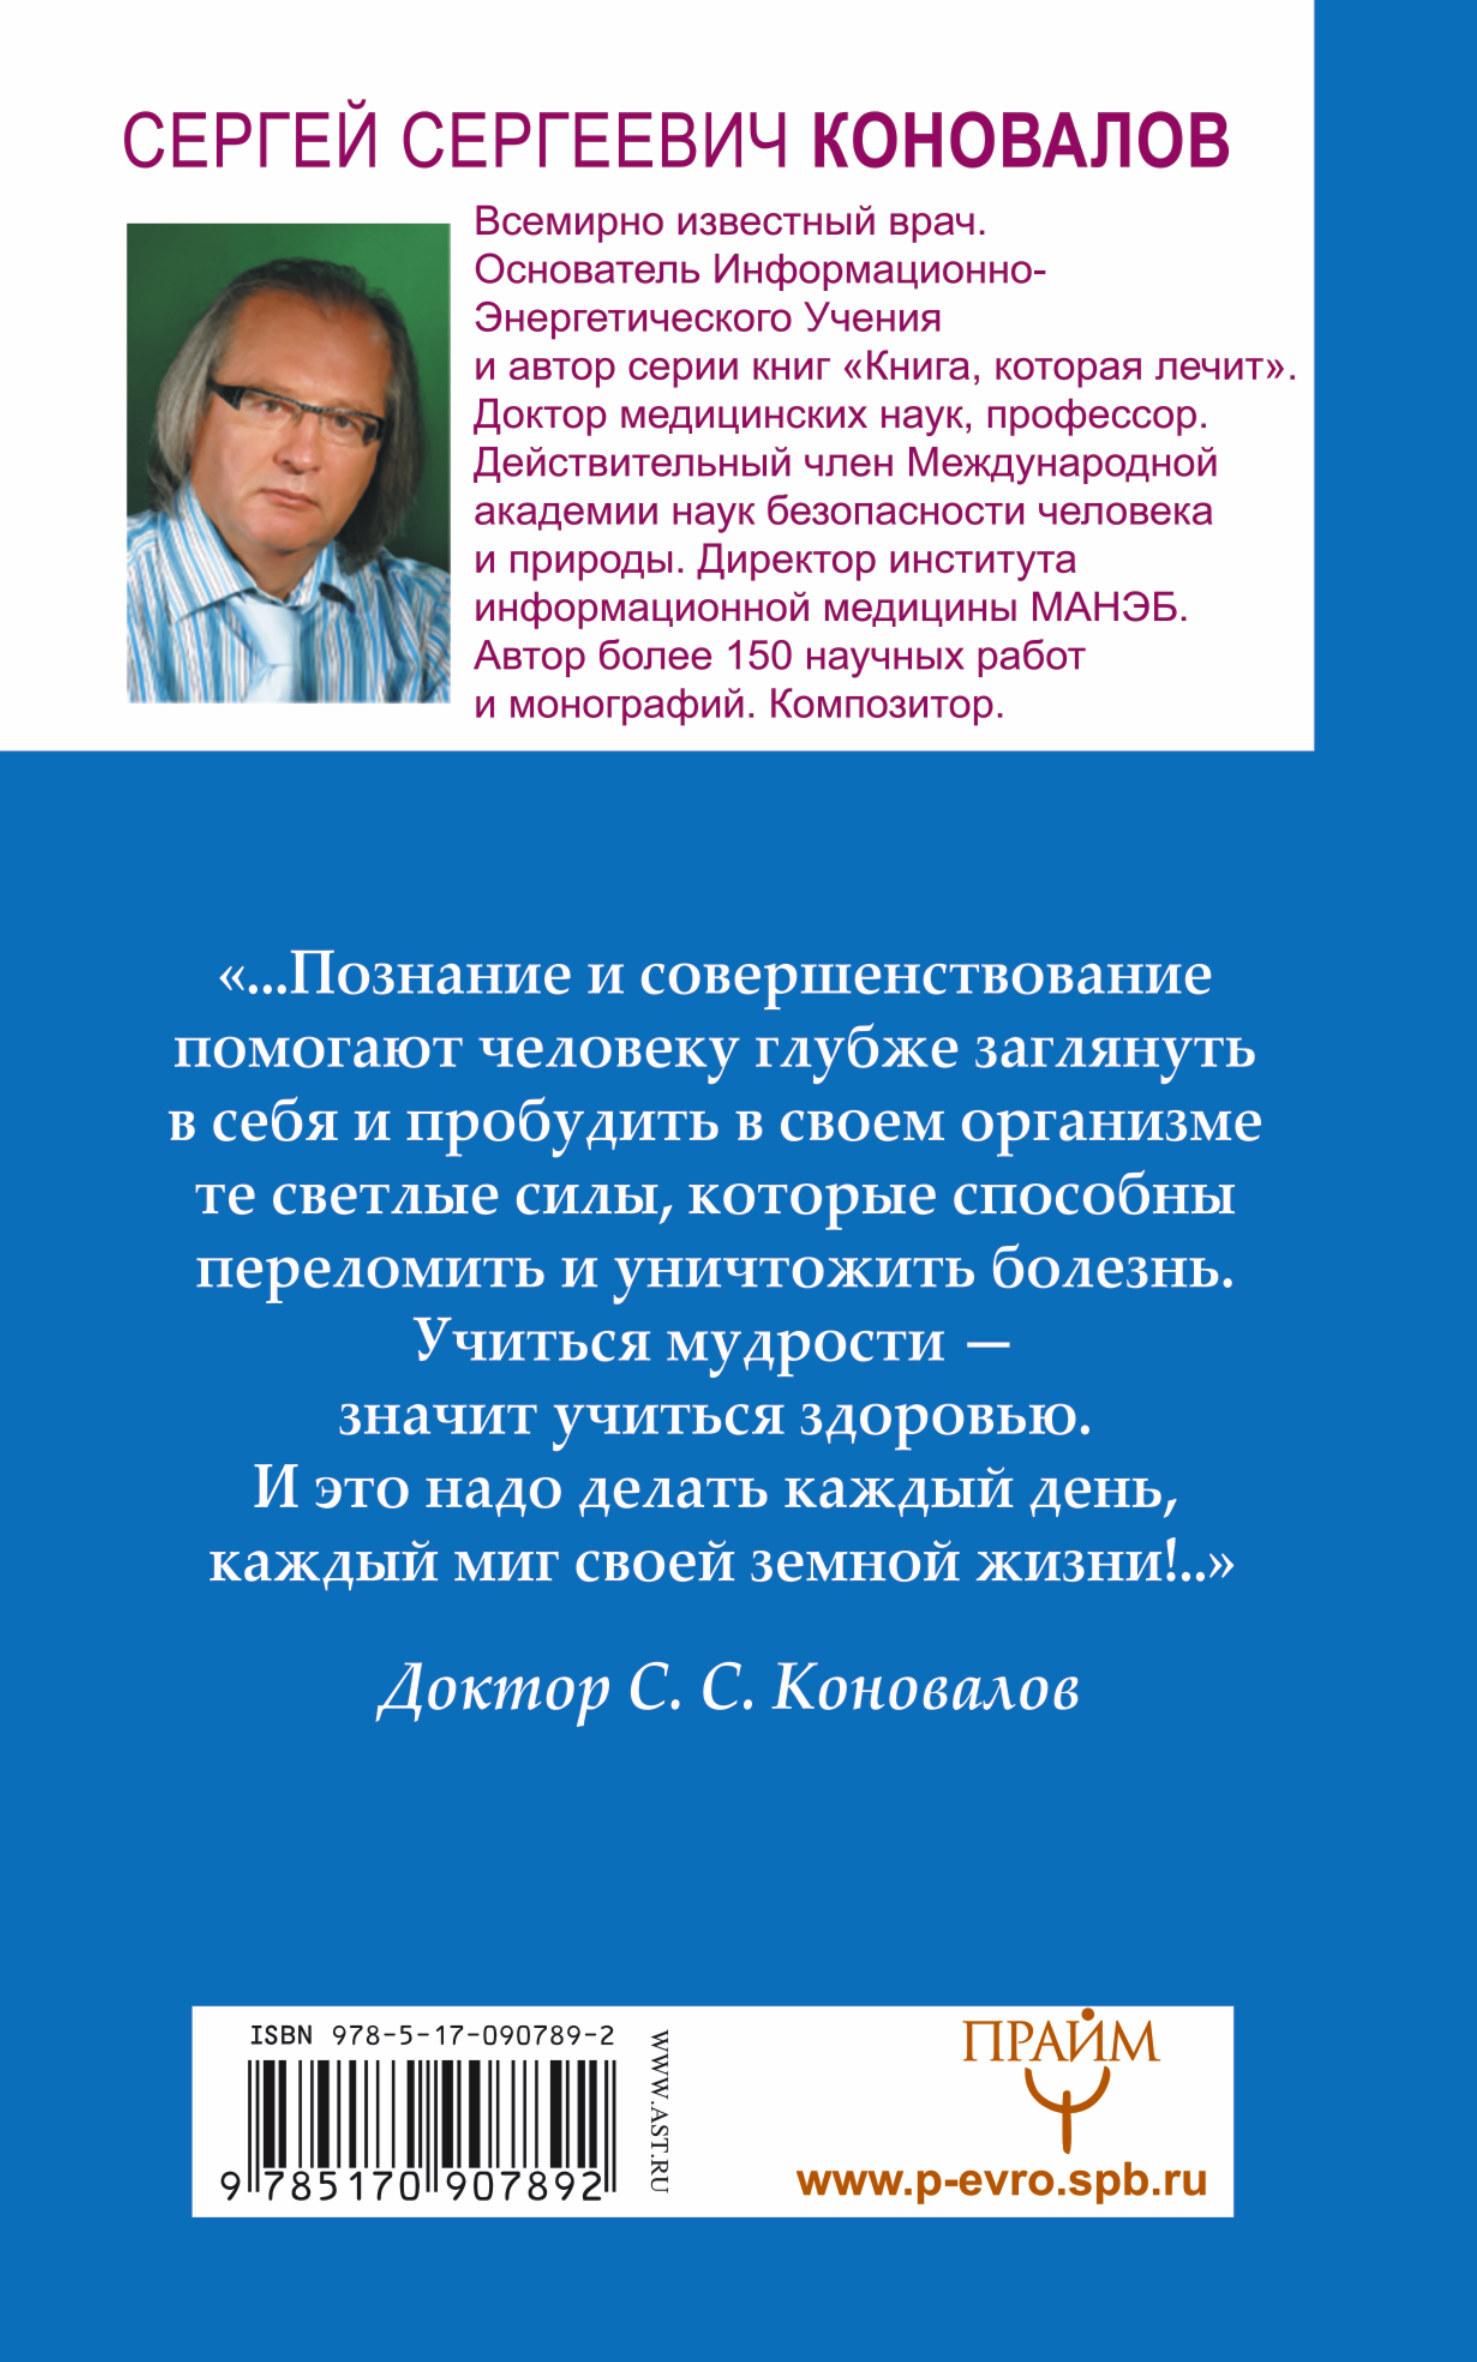 купить Велофляга STG, Х95405, с флягодержателем по цене 275 рублей